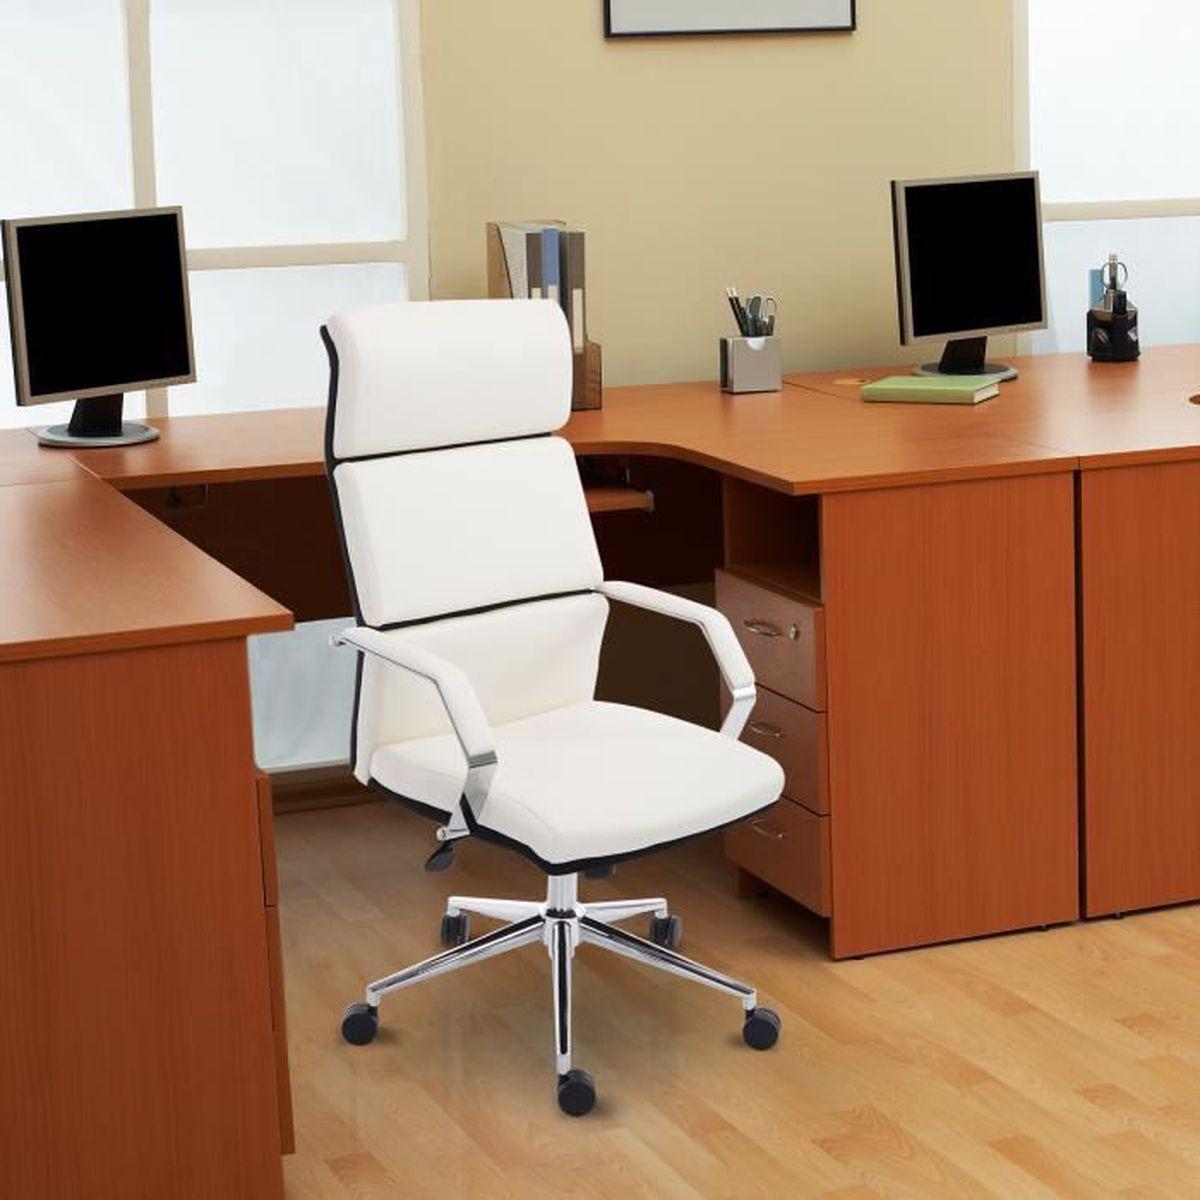 chaise fauteuil si ge de bureau pivotant ergonomique pu 75l x 63l x 117 124hcm blanc neuf 34wt. Black Bedroom Furniture Sets. Home Design Ideas